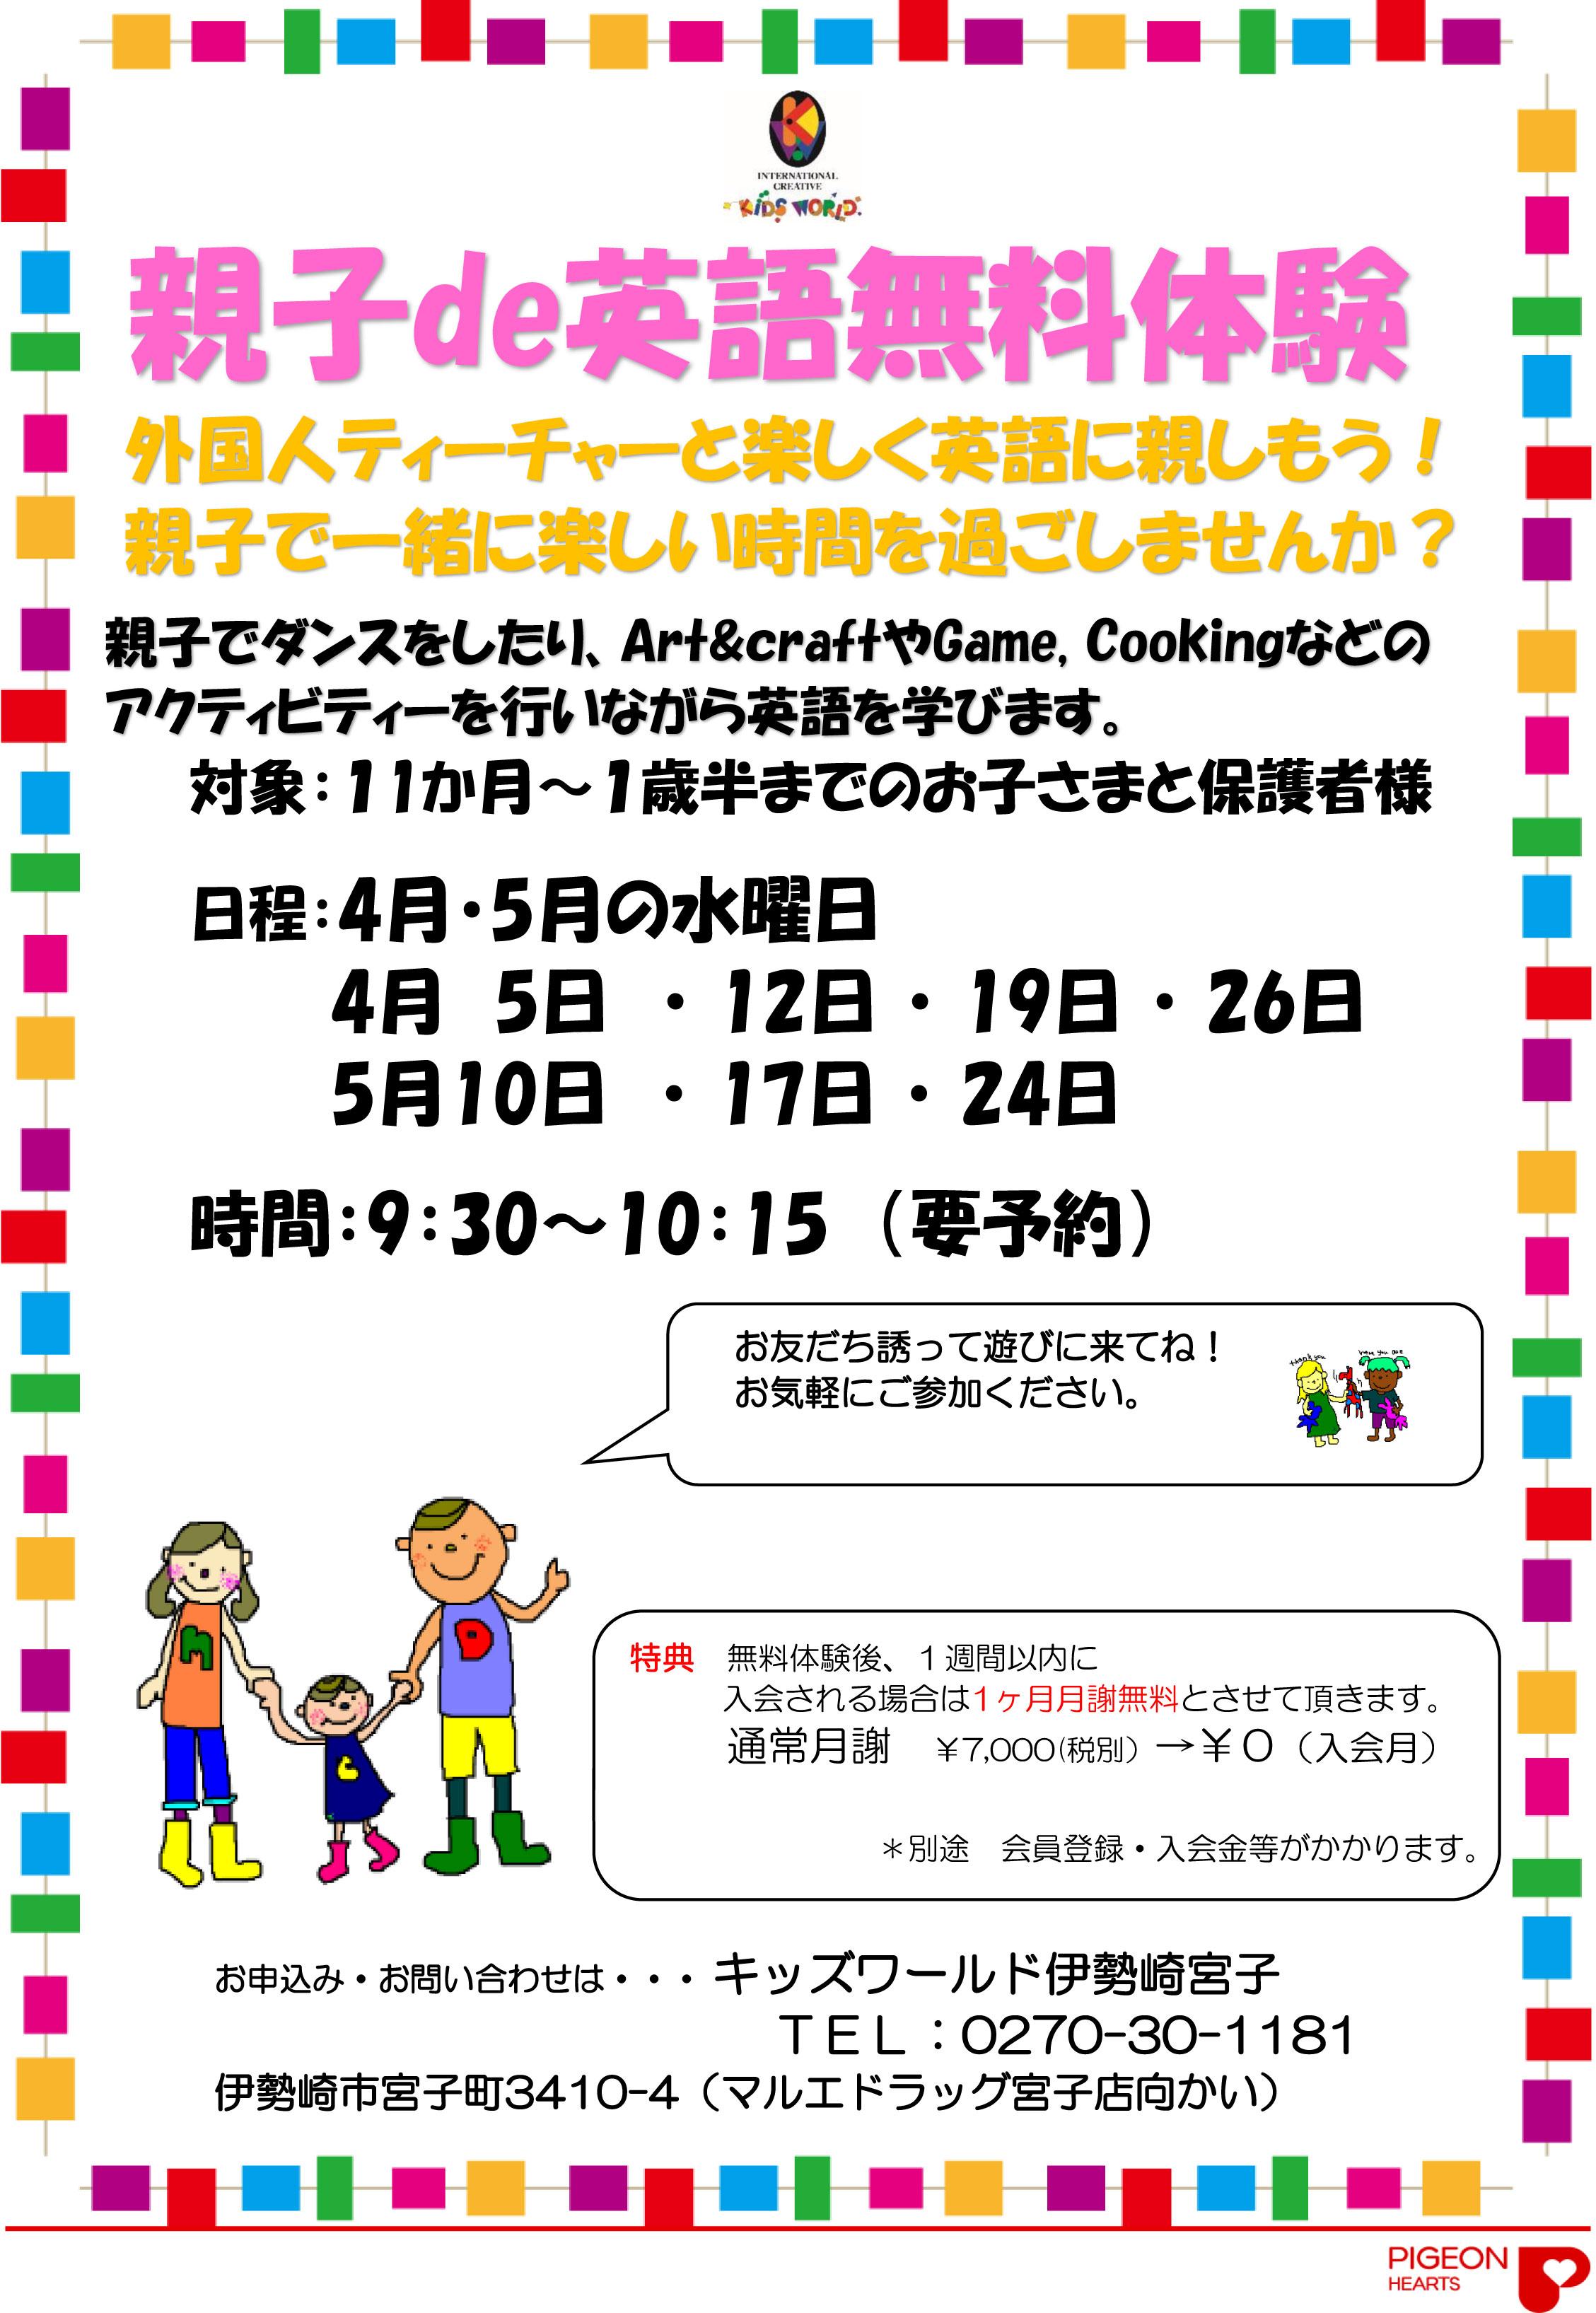 伊勢崎宮子 2017親子で英語イベント